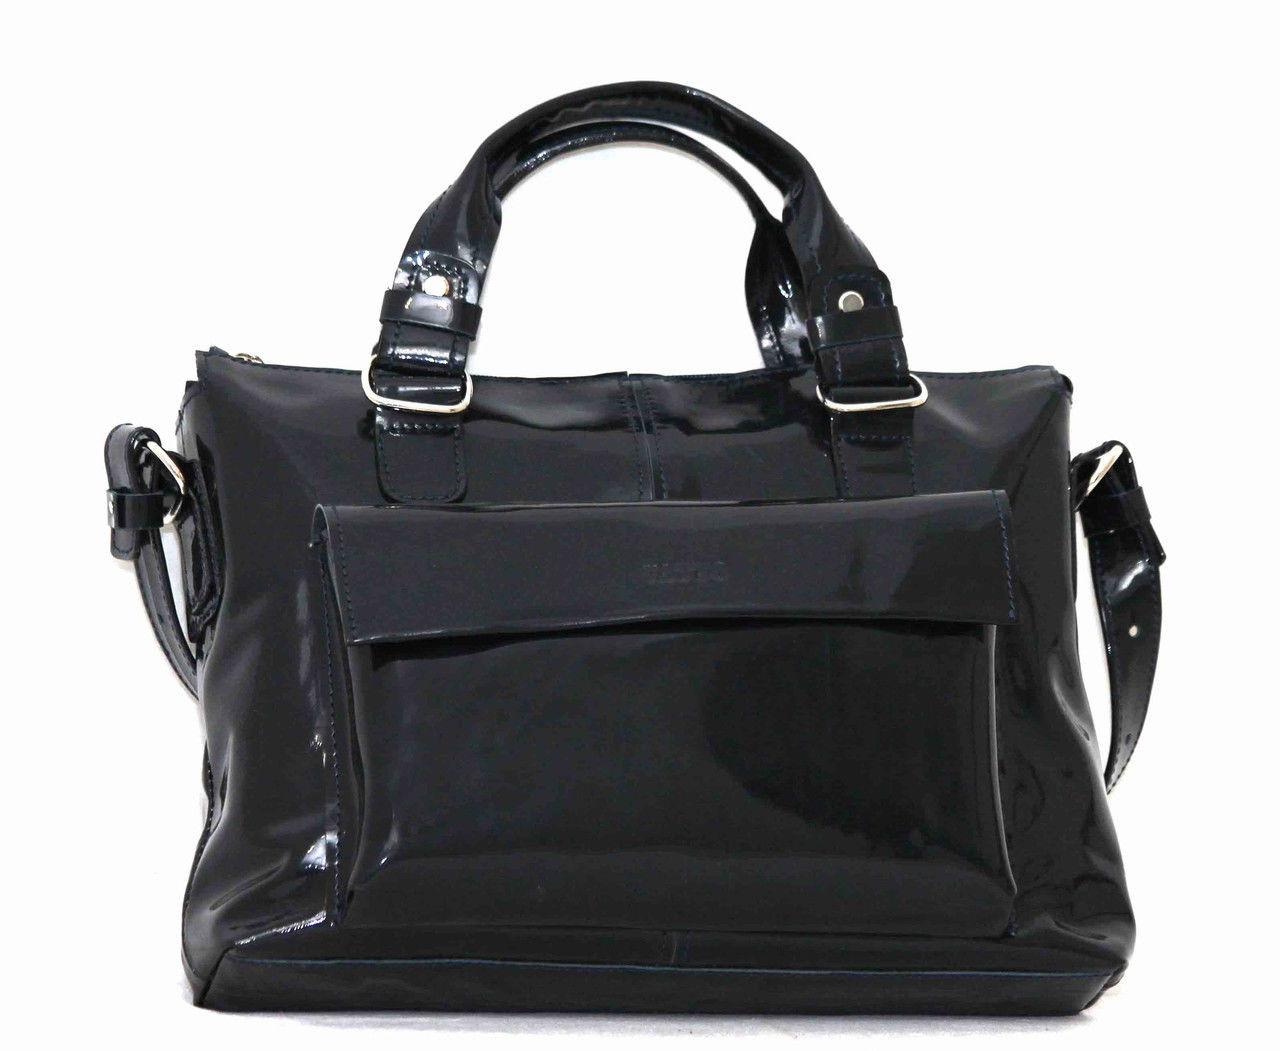 909925cbd0c6 Элегантная женская кожаная лаковая сумка Vatto темно-синяя - Интернет  магазин